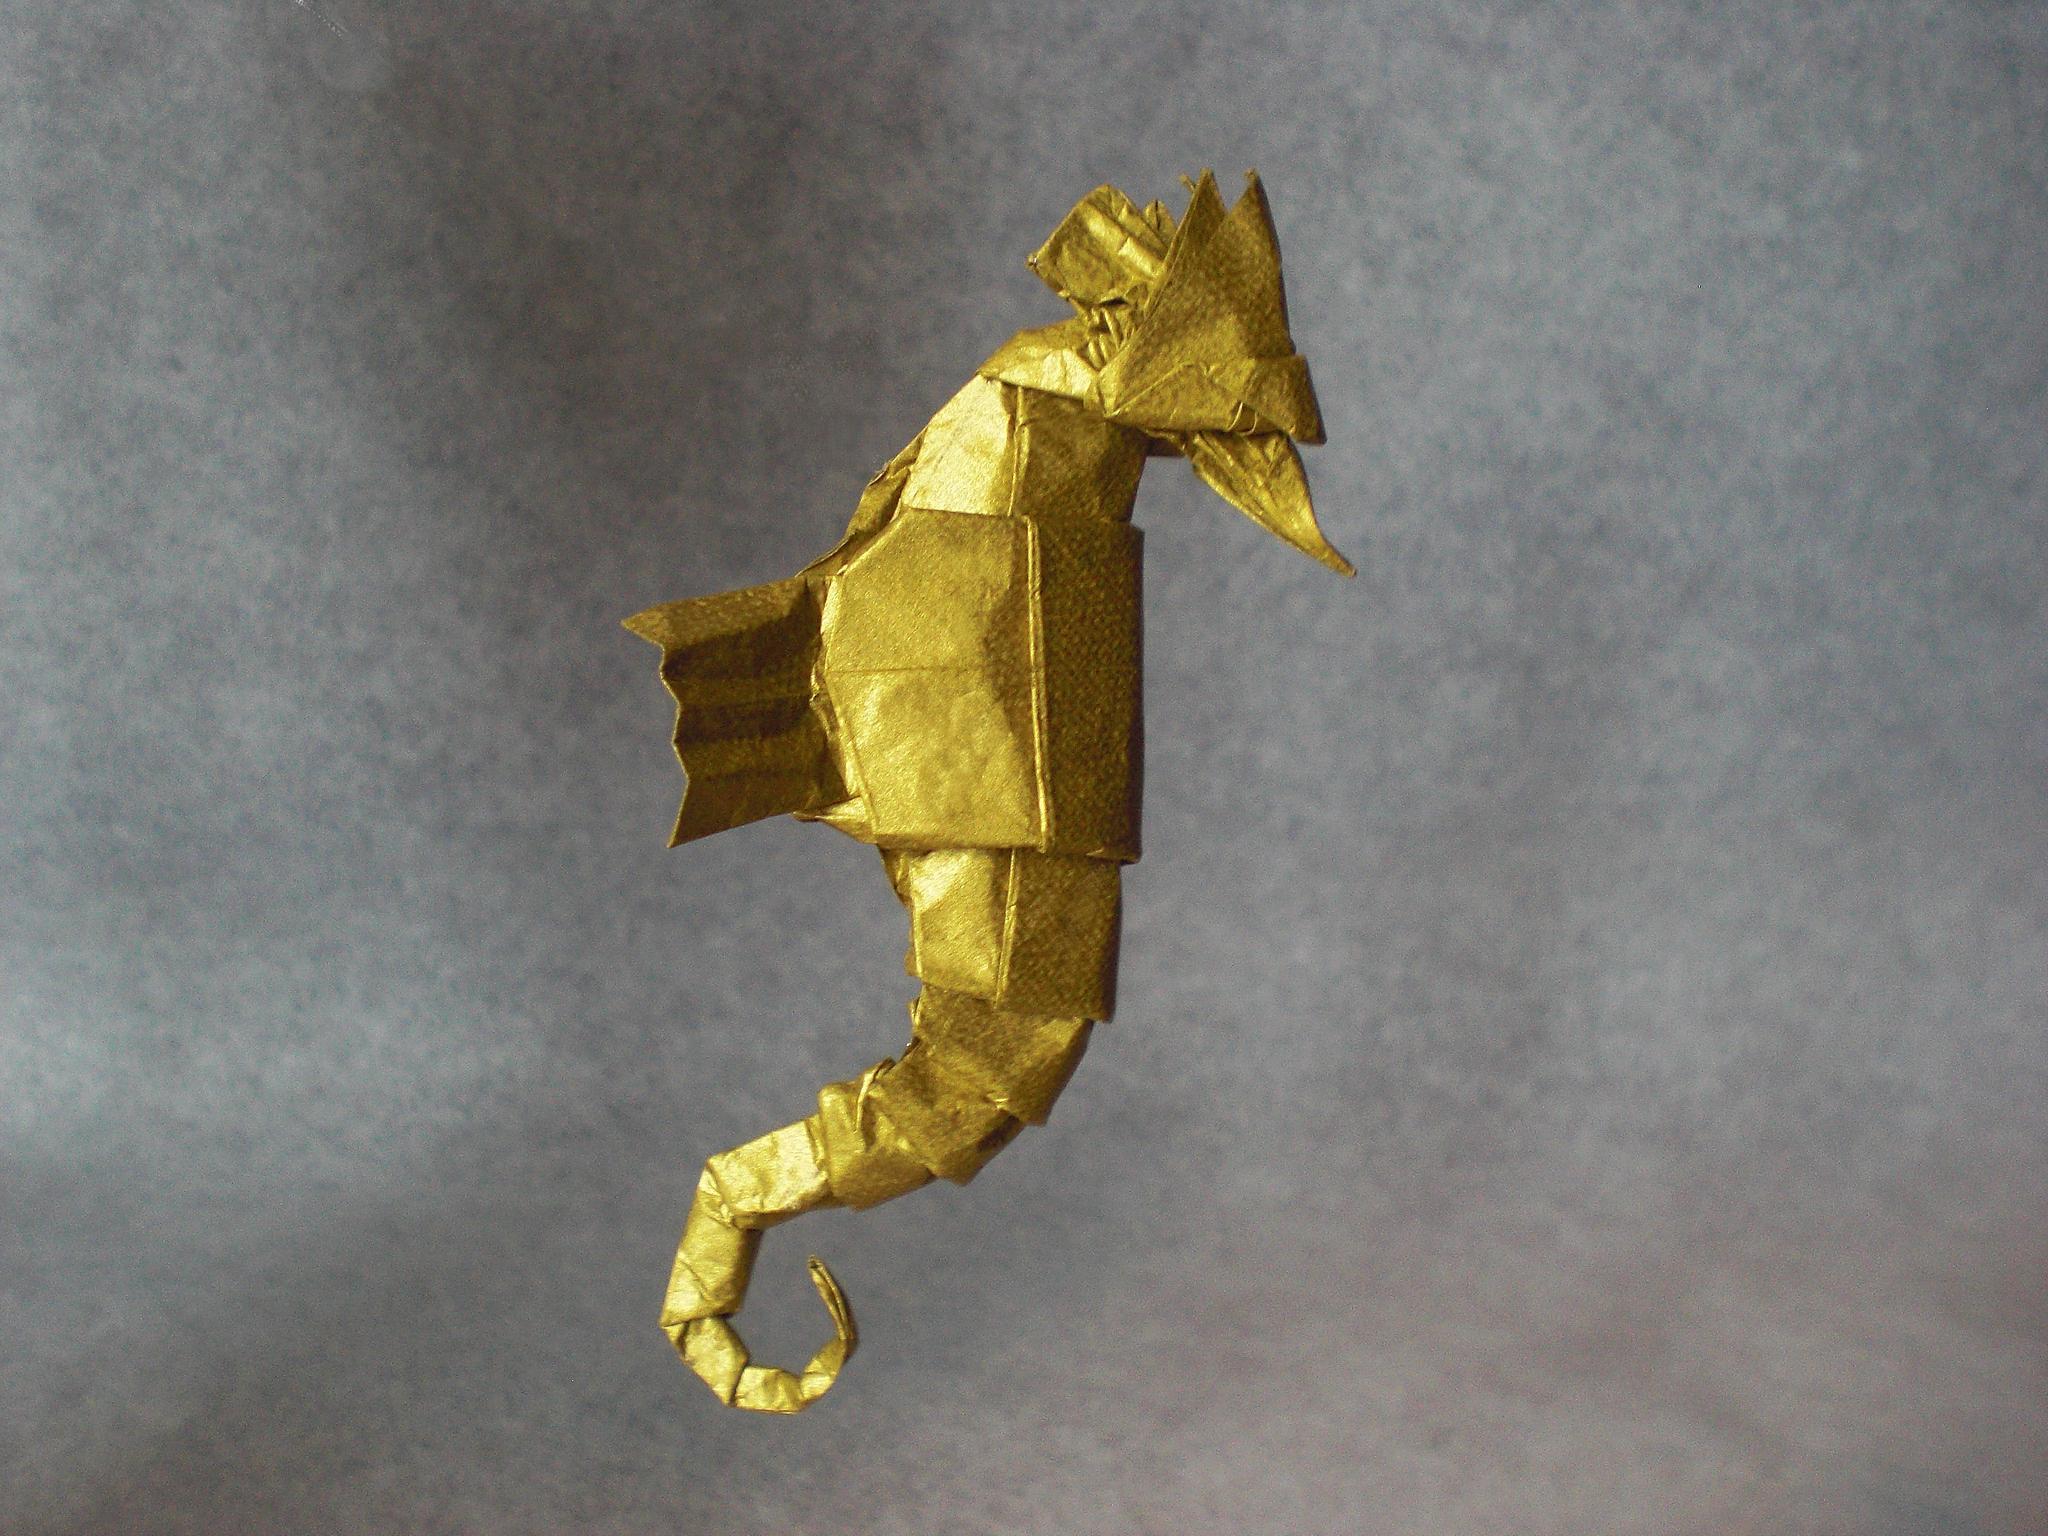 Seahorse by Andrés Lozano